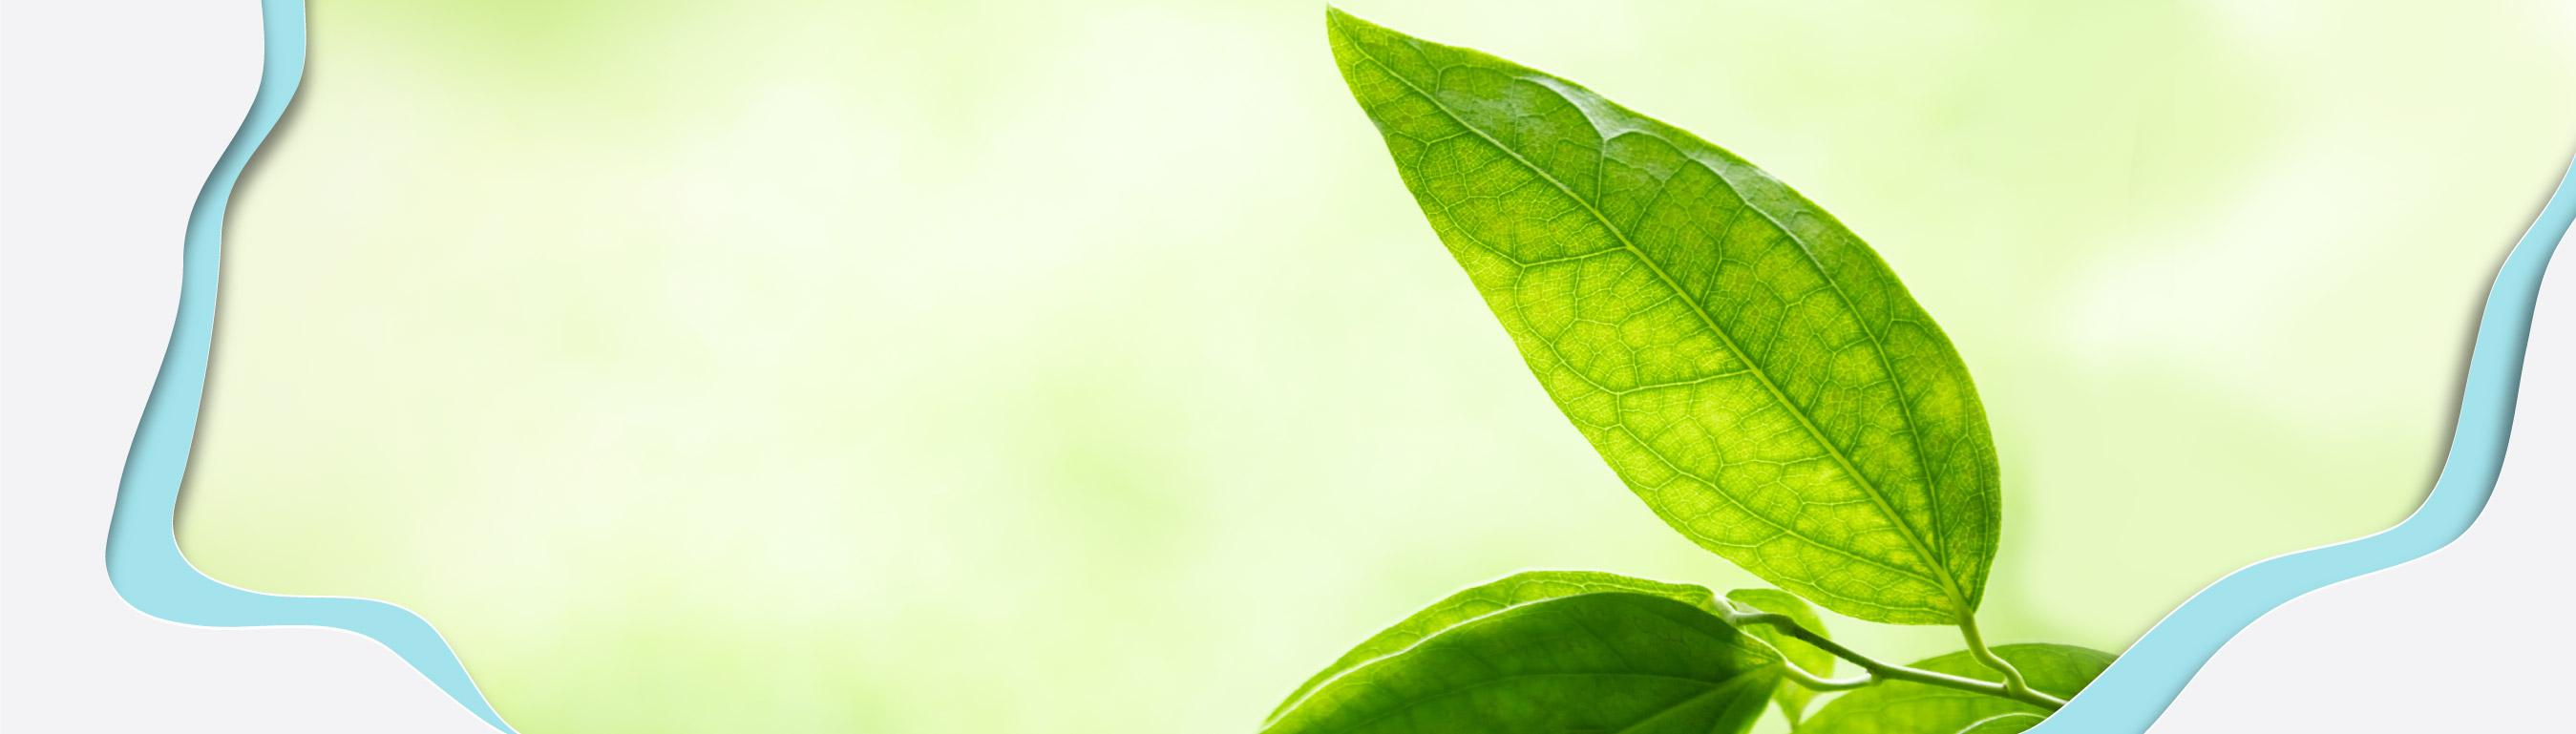 bandeau plastique végétal